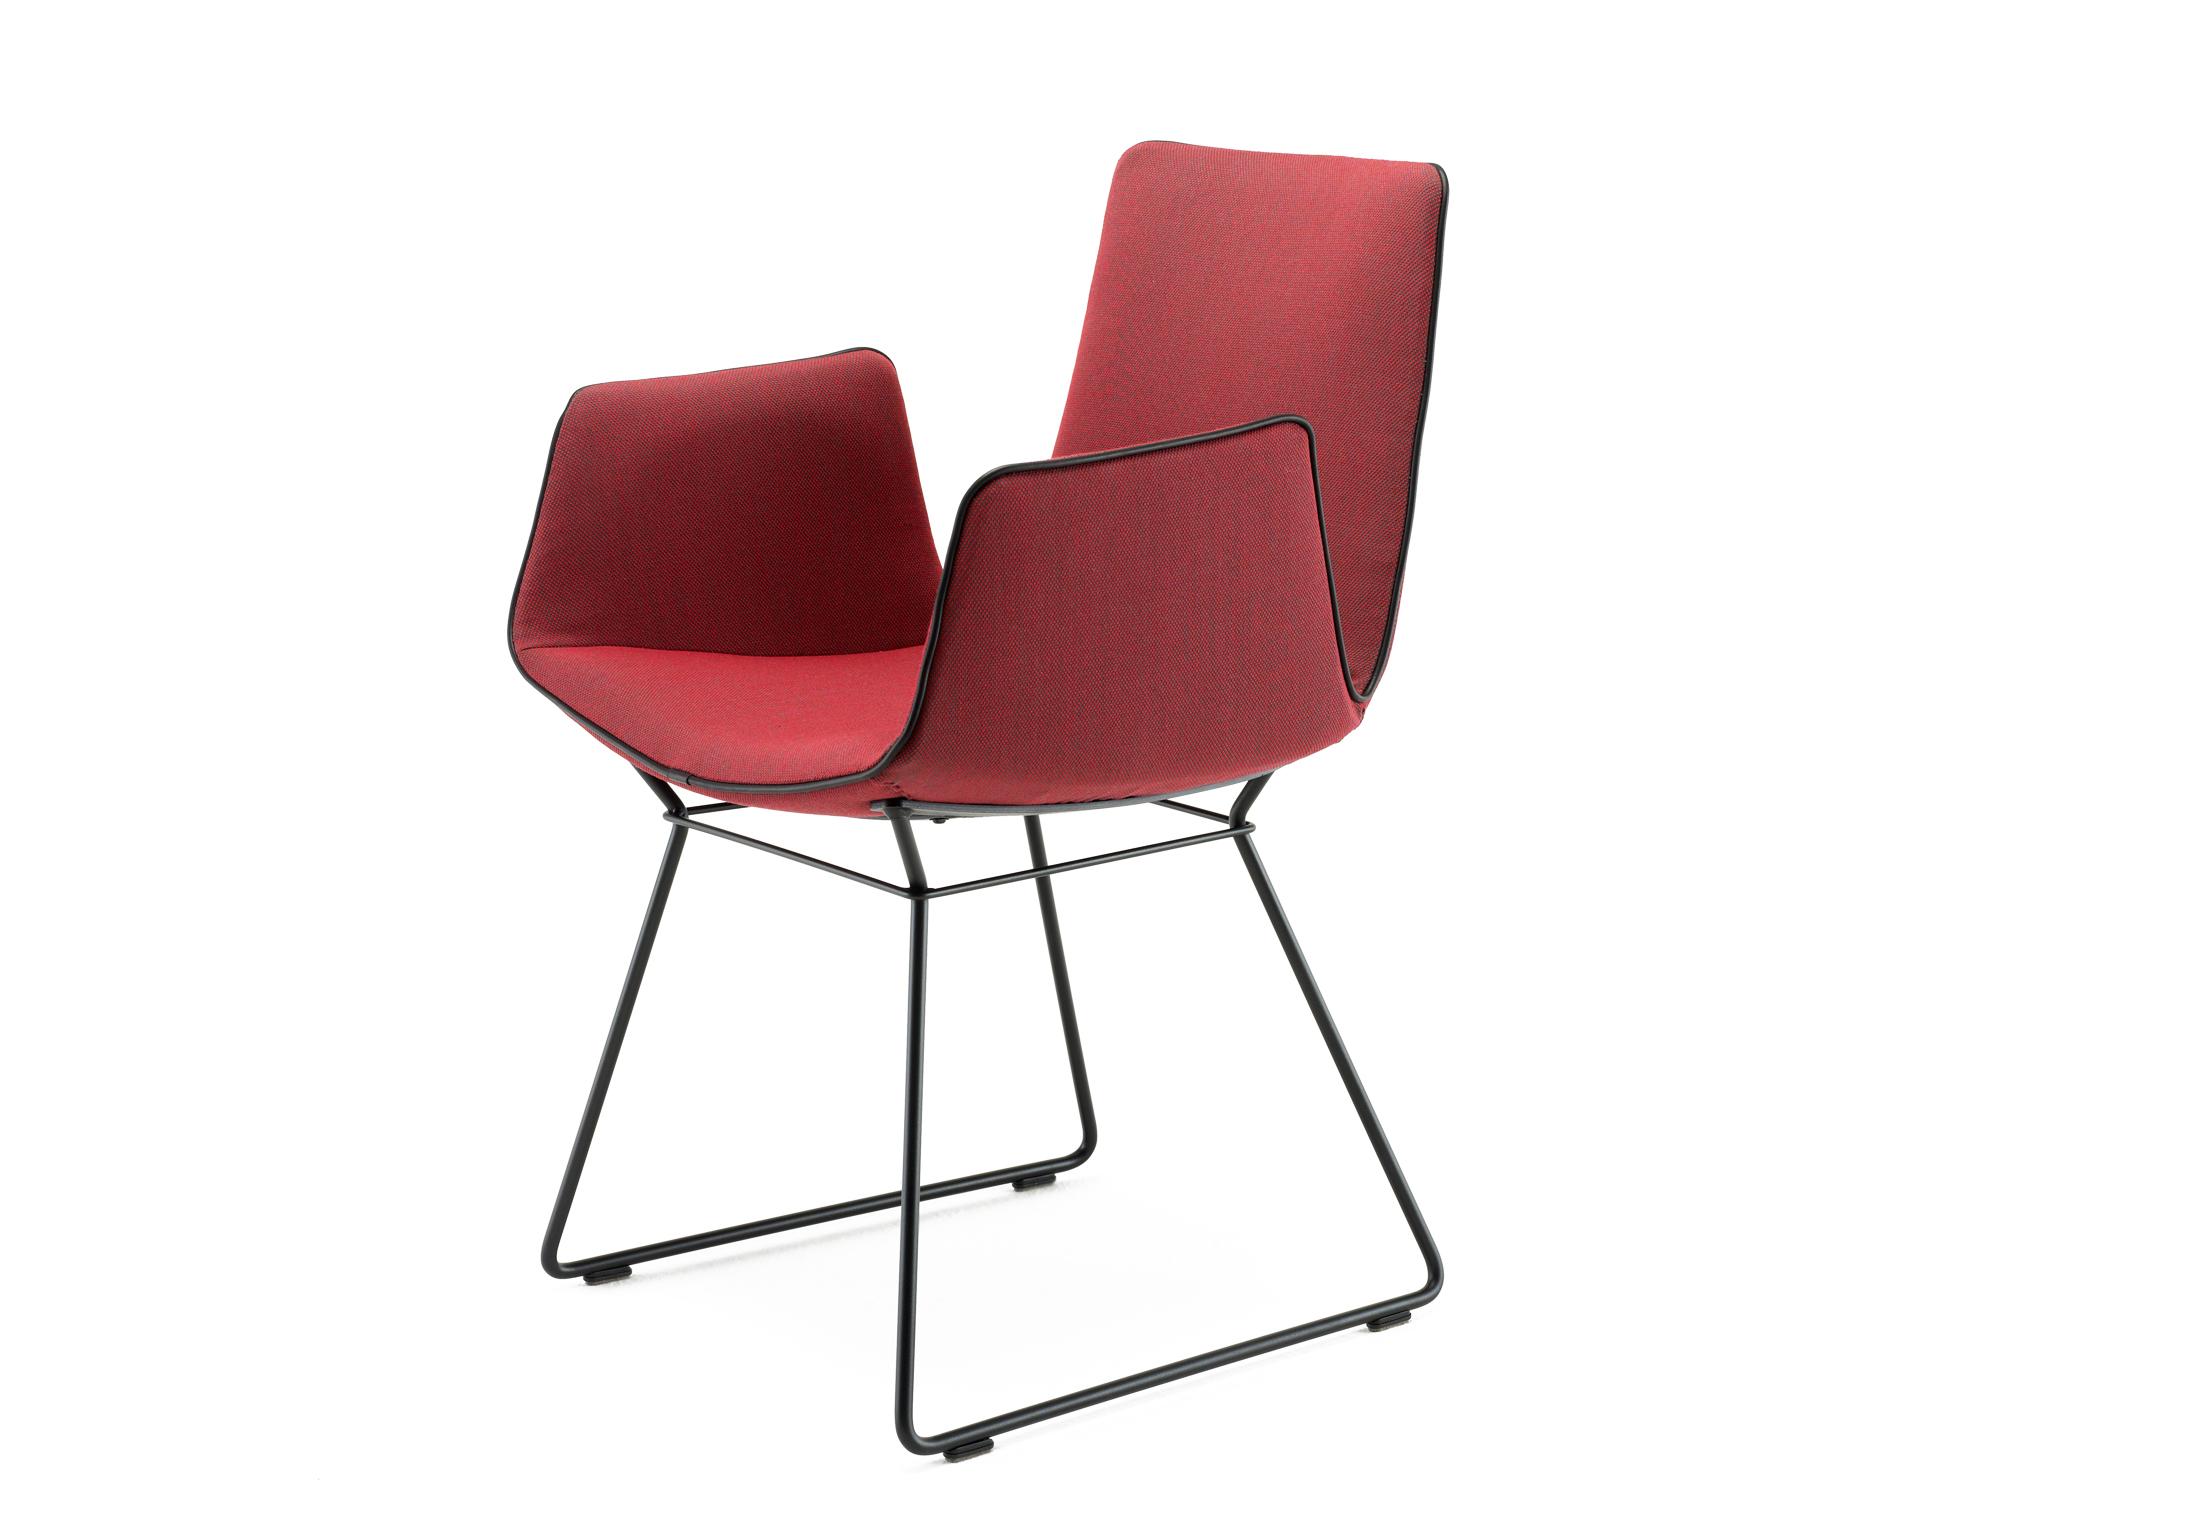 Amelie armchair with wire frame by Freifrau | STYLEPARK